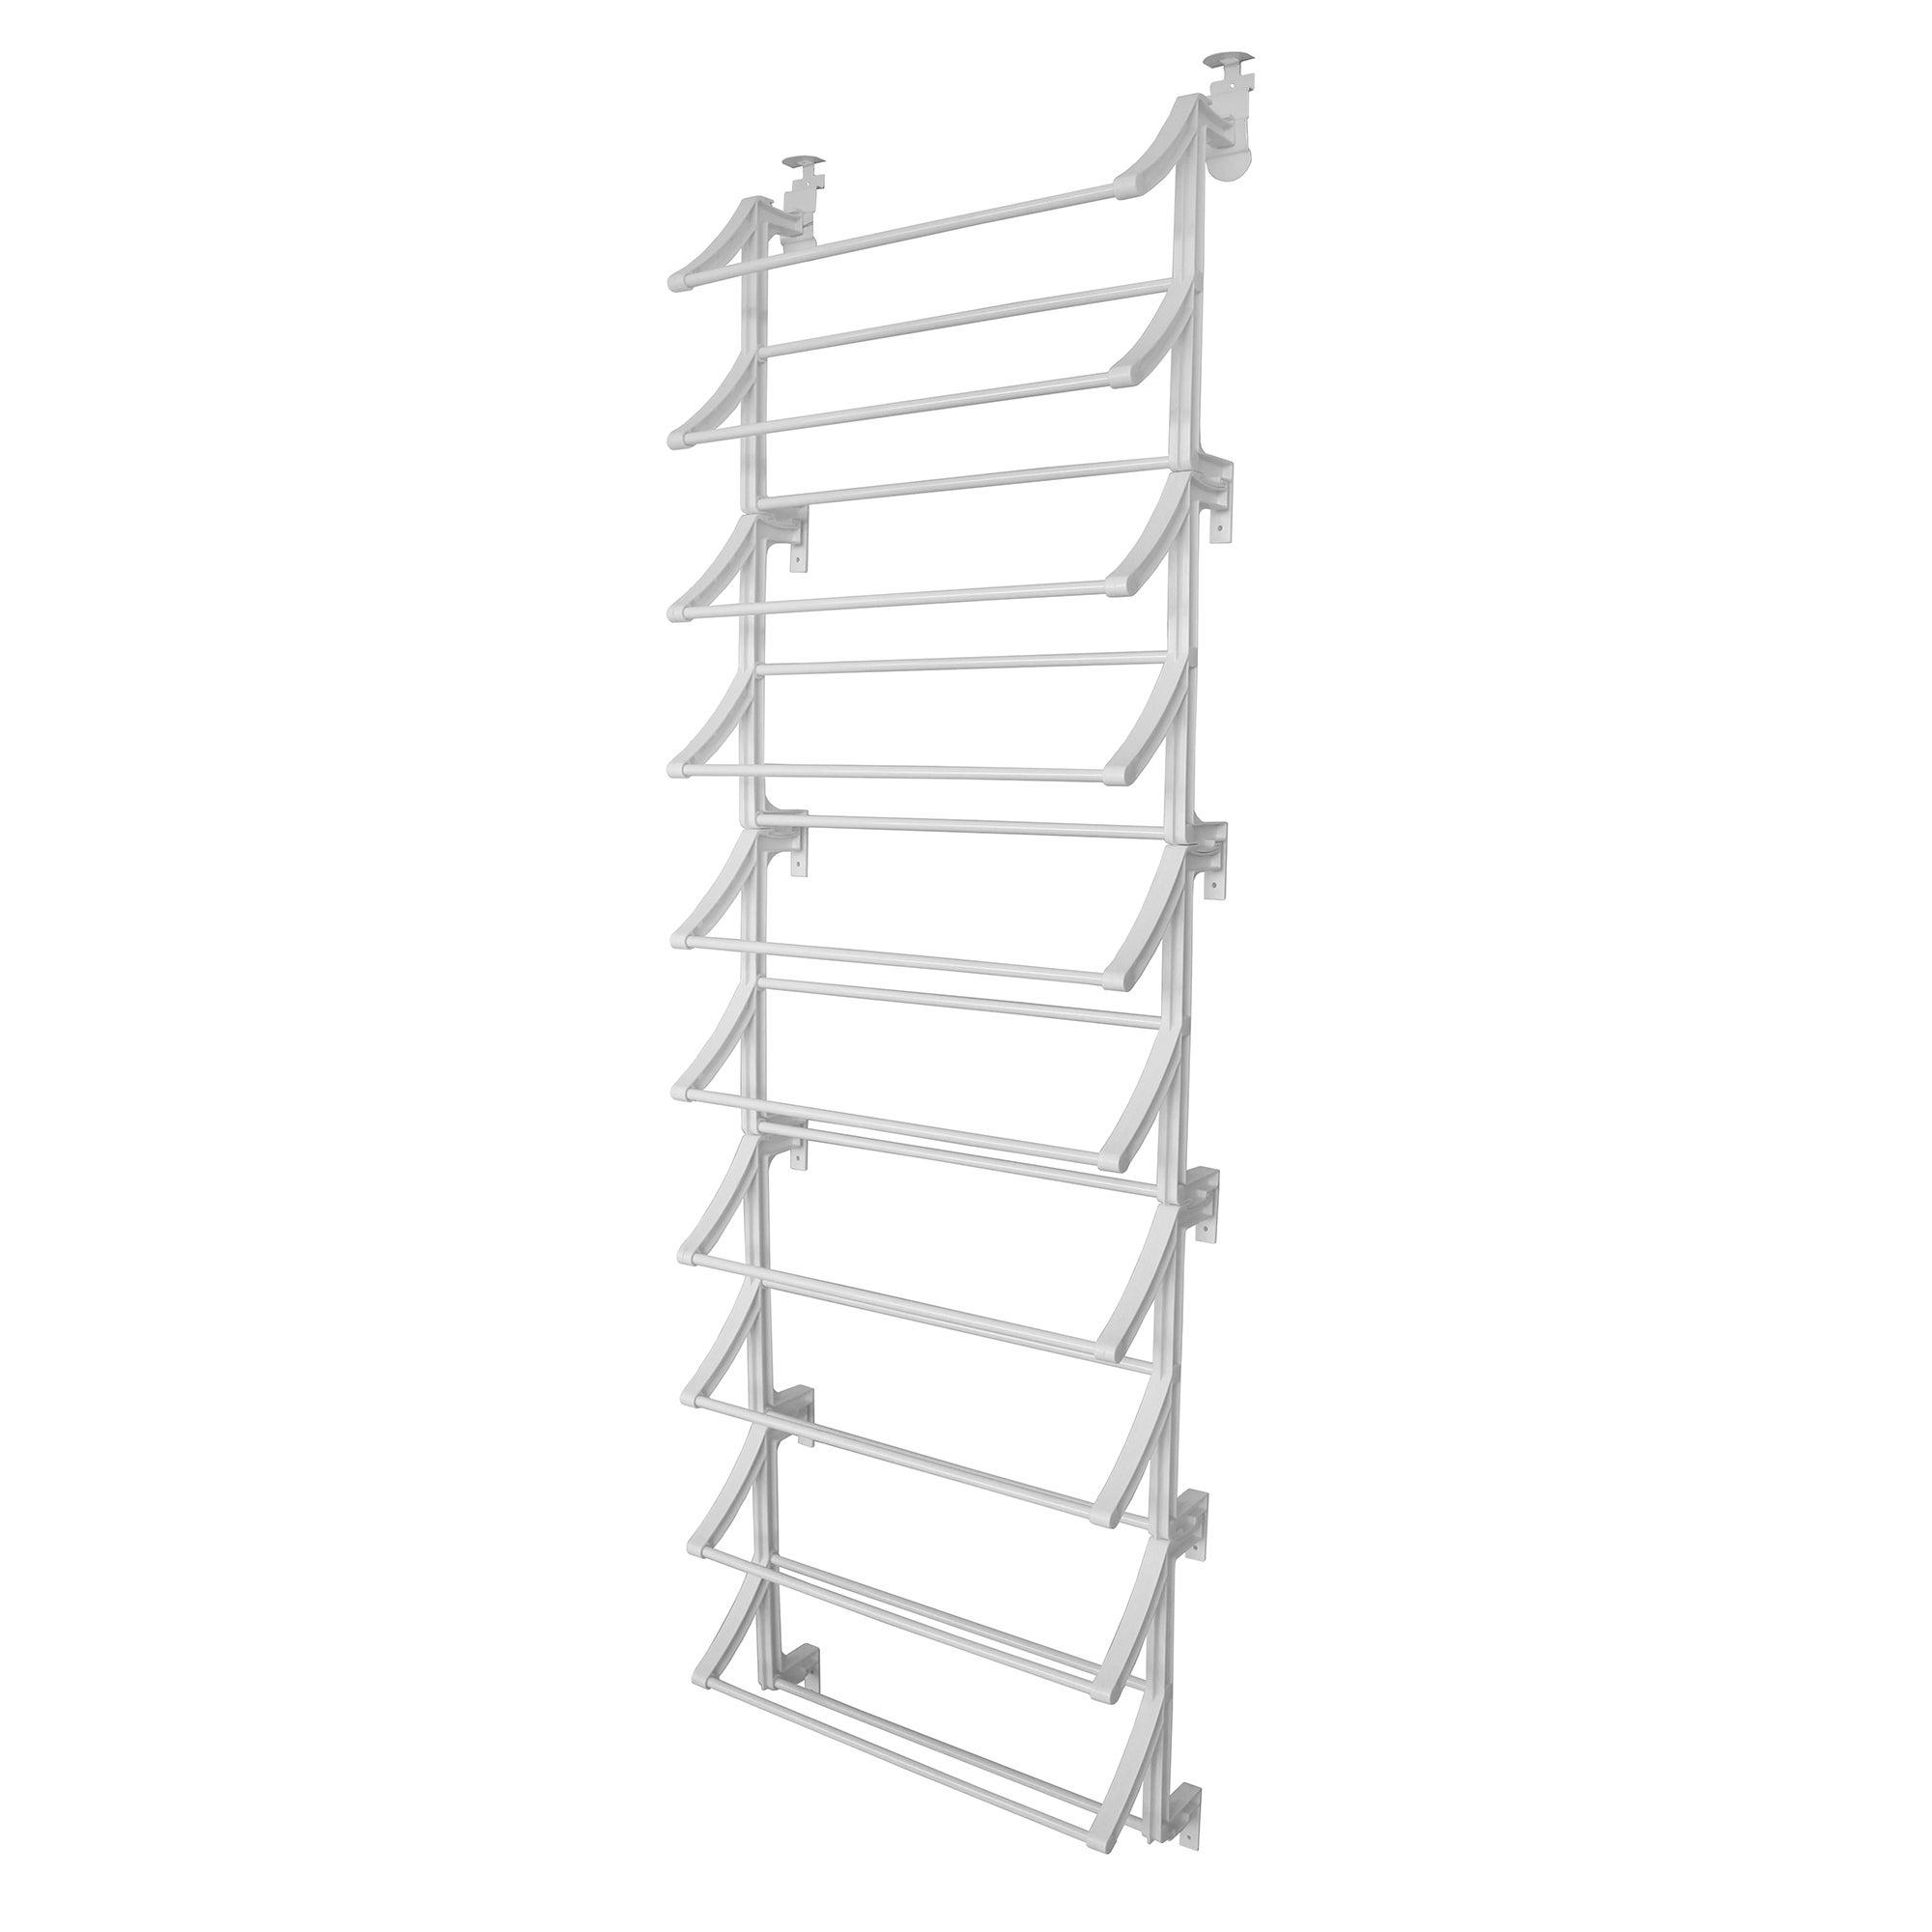 Image of 10 Tier Over Door White Shoe Rack White